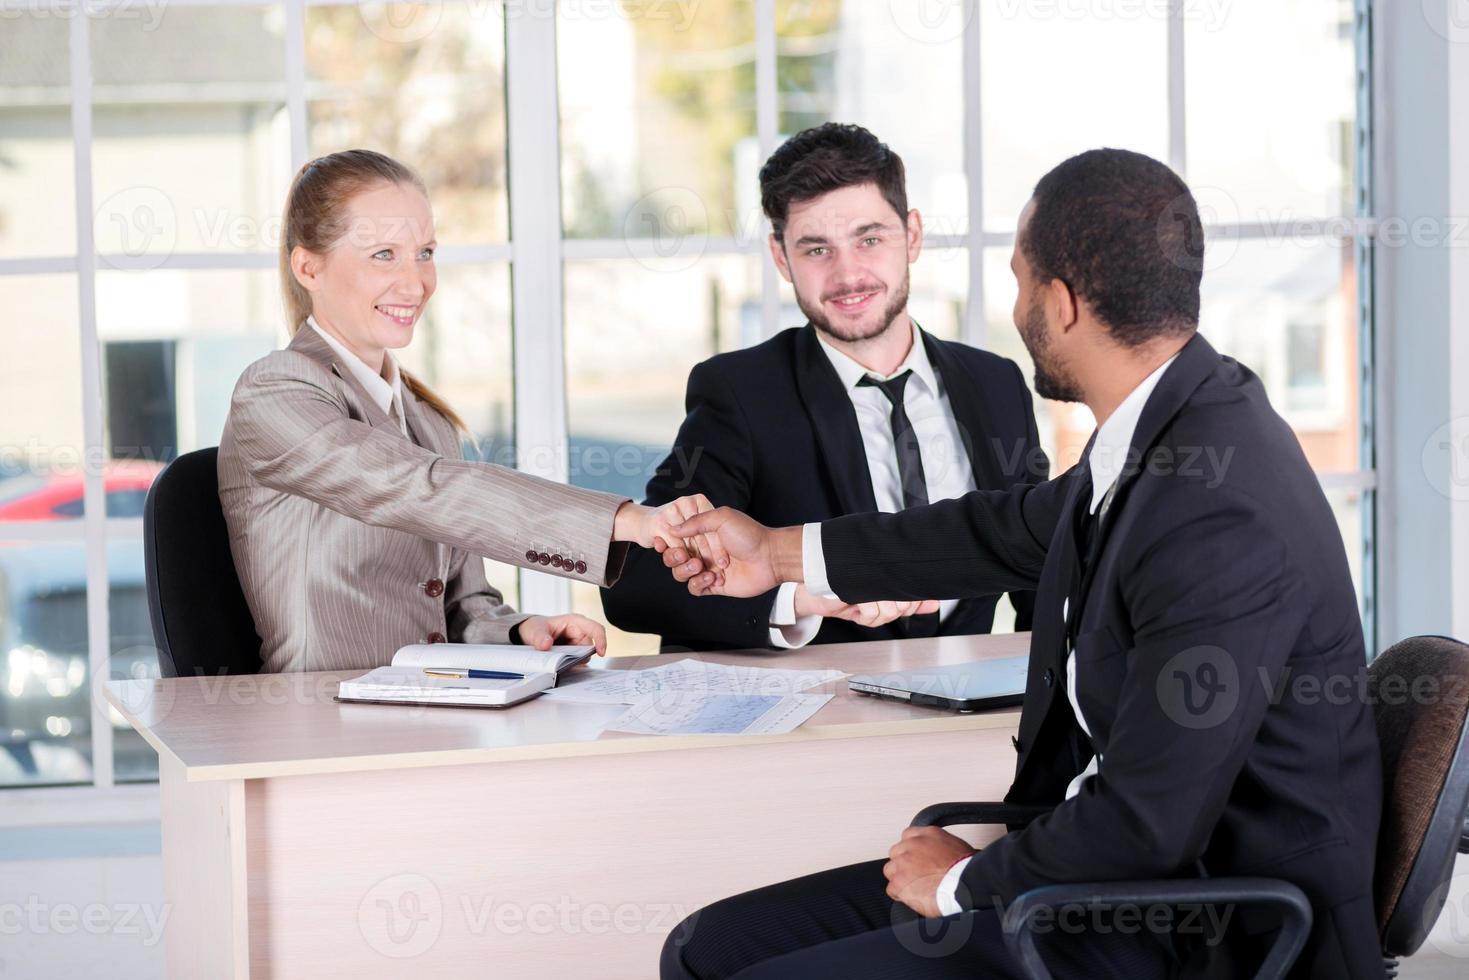 bijeenkomst van hoofden. drie succesvolle zakenmensen zitten in t foto